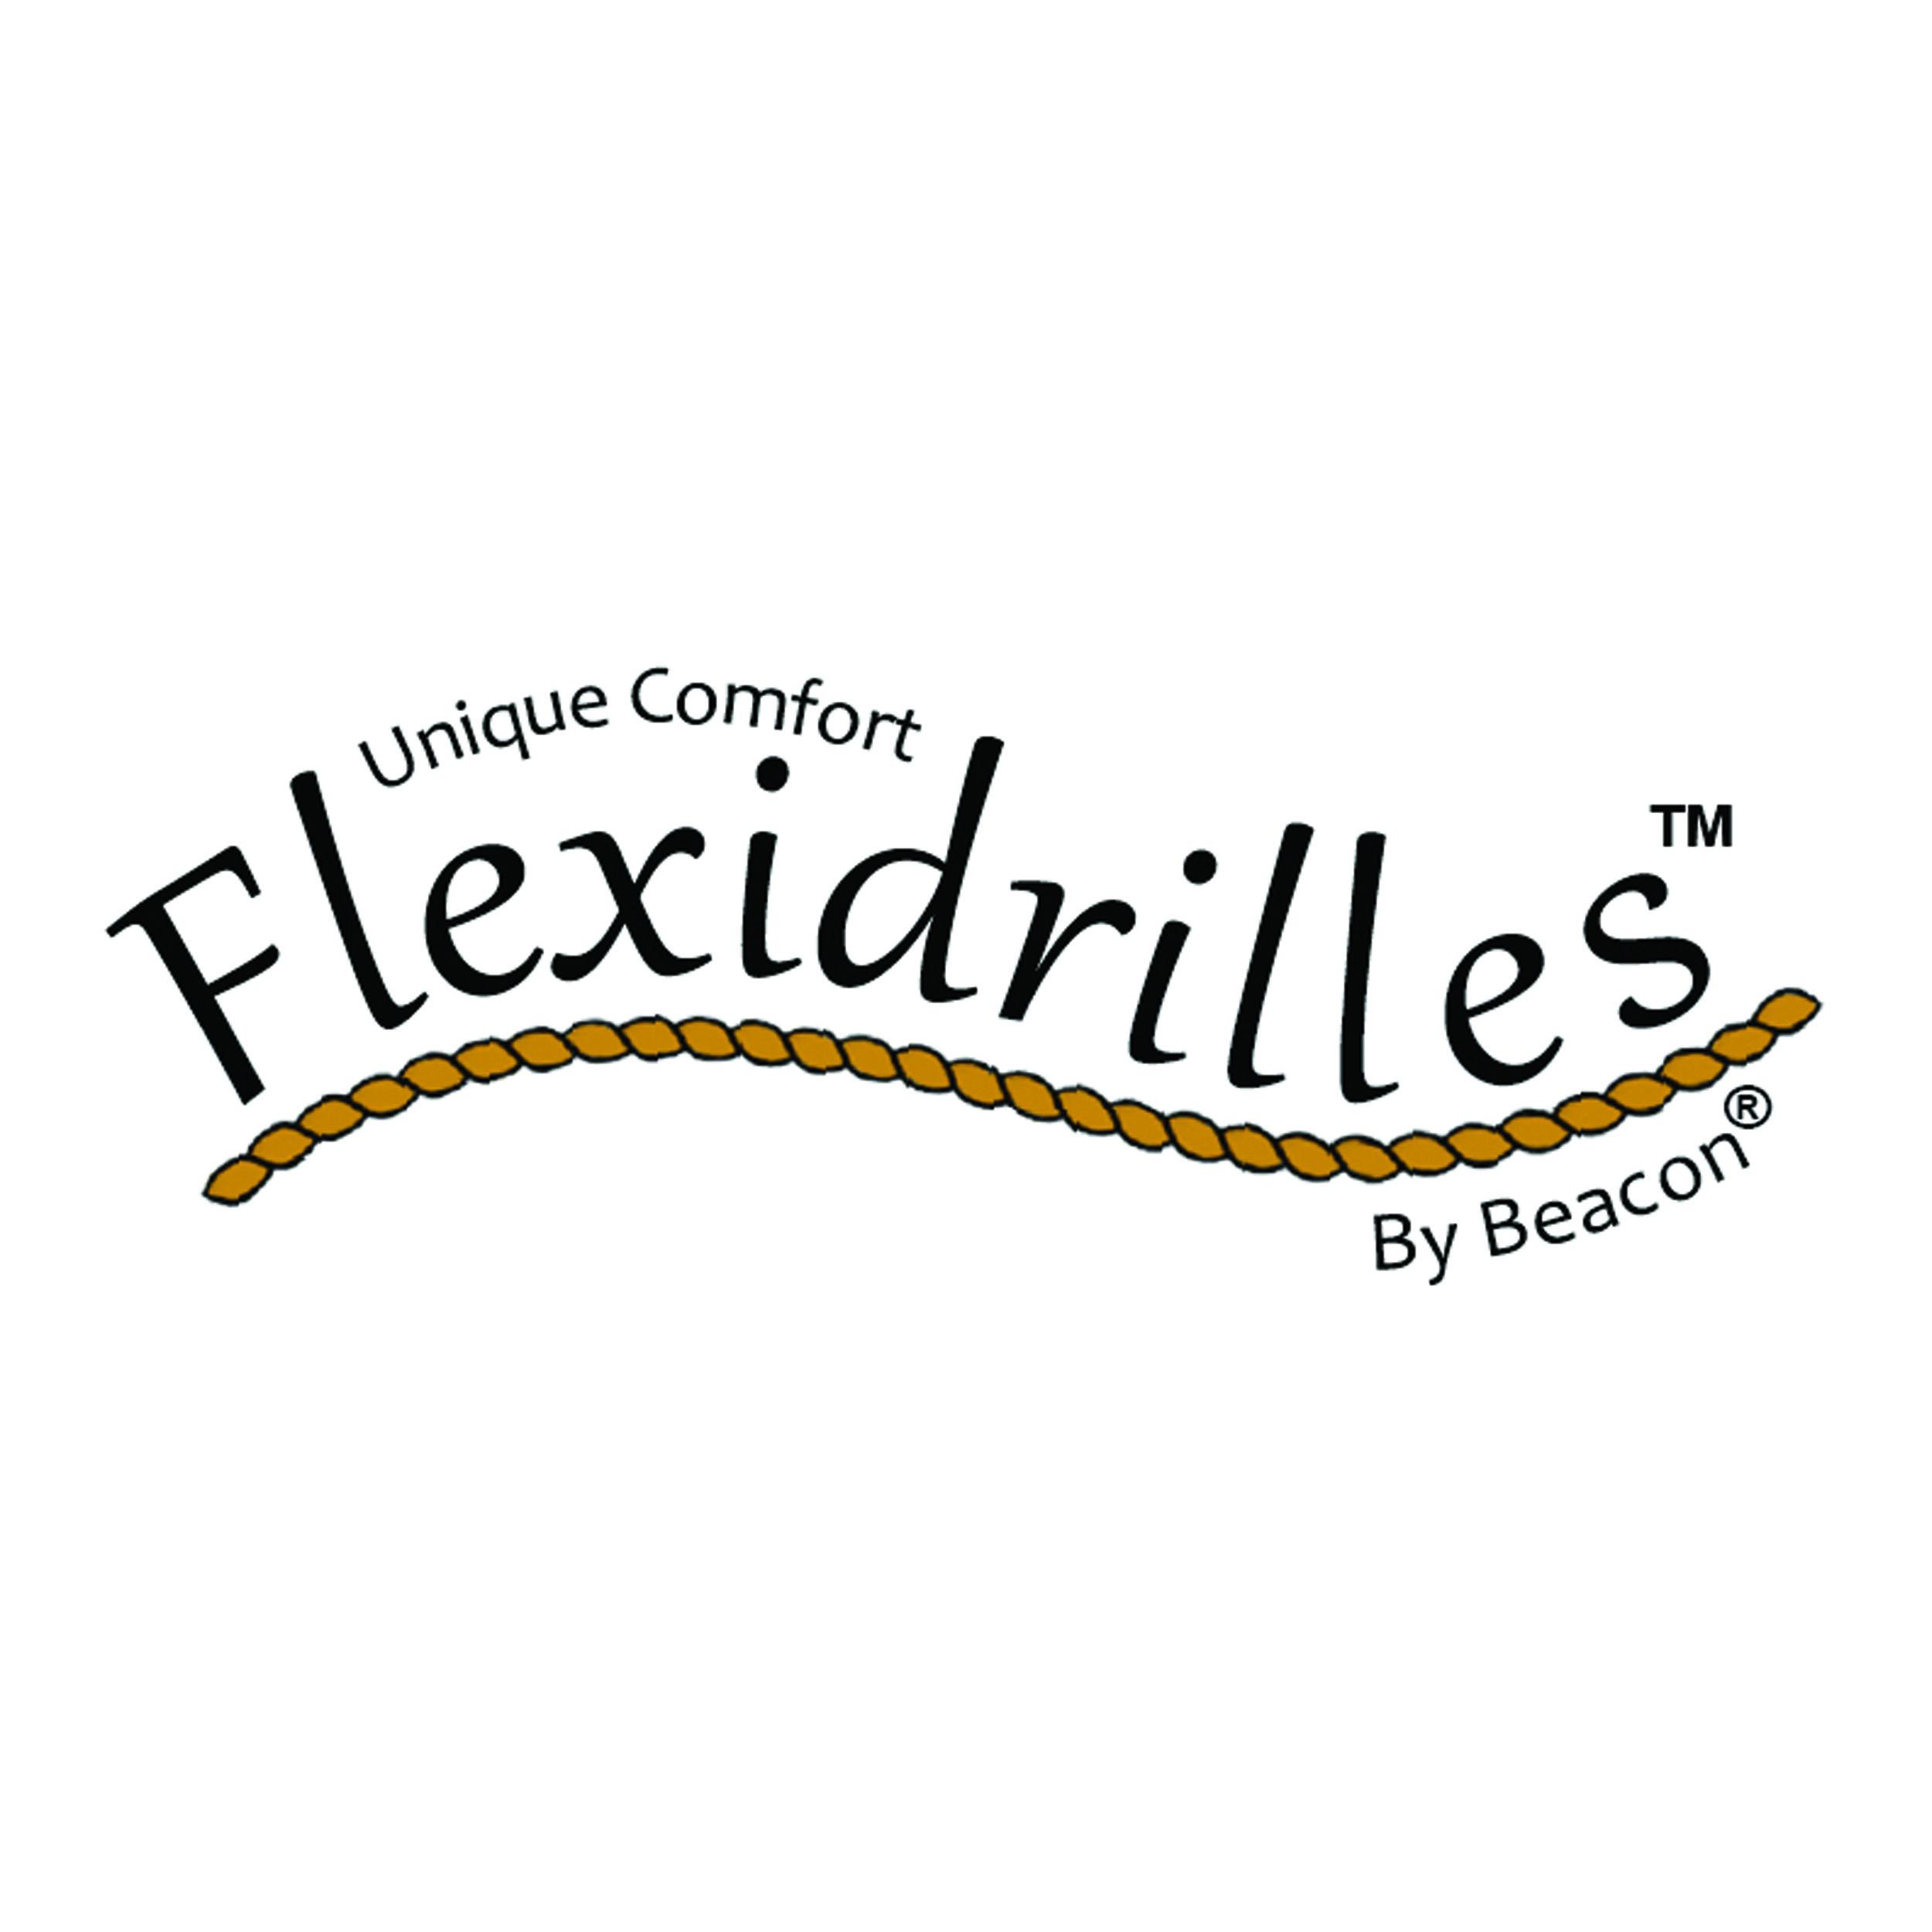 Flexidrilles by Beacon Logo